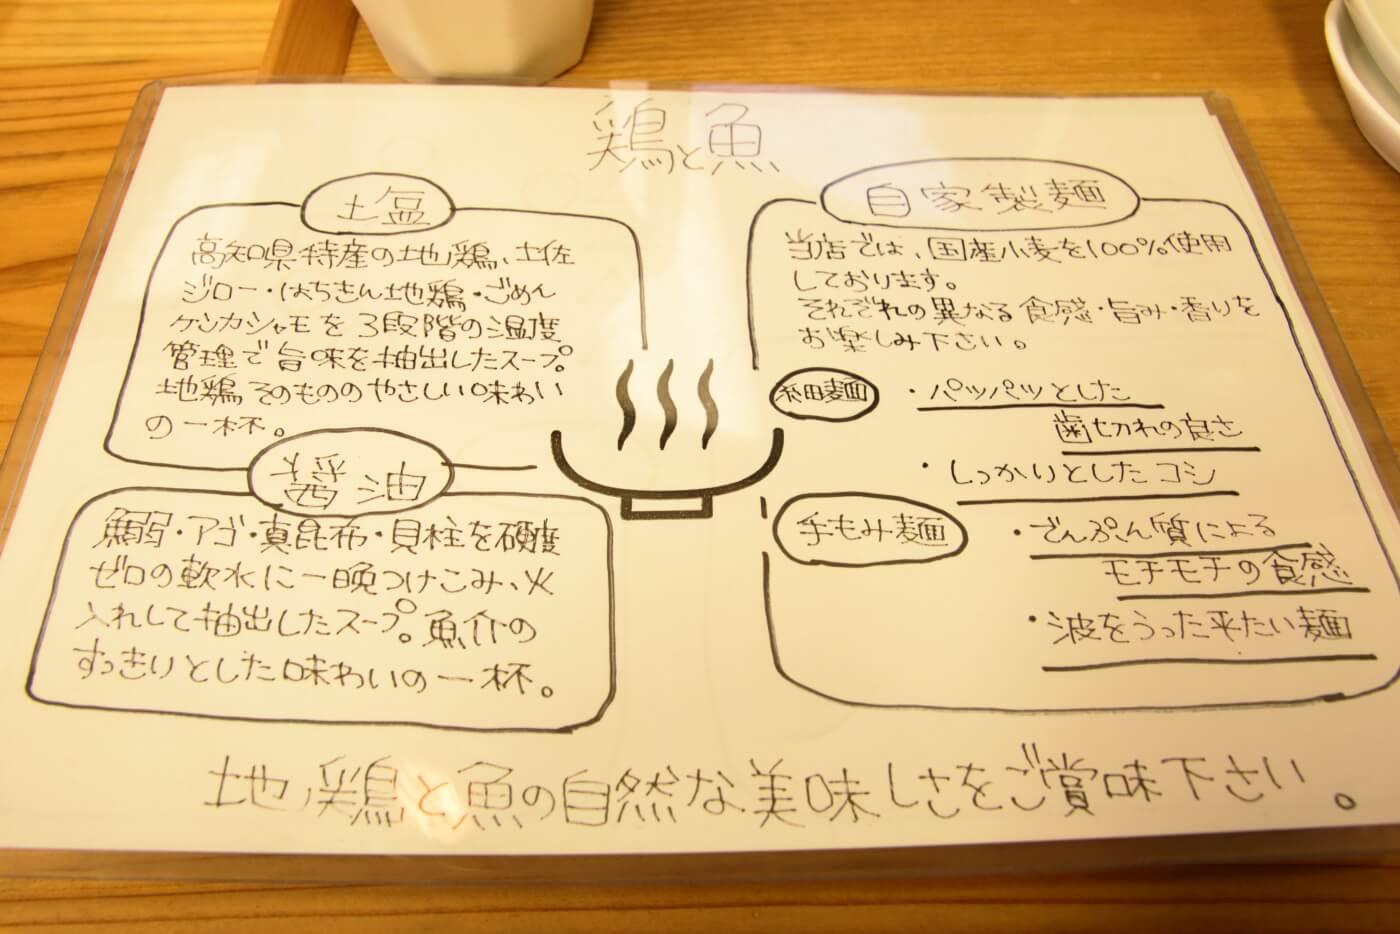 高知市のラーメン 鶏と魚 メニュー